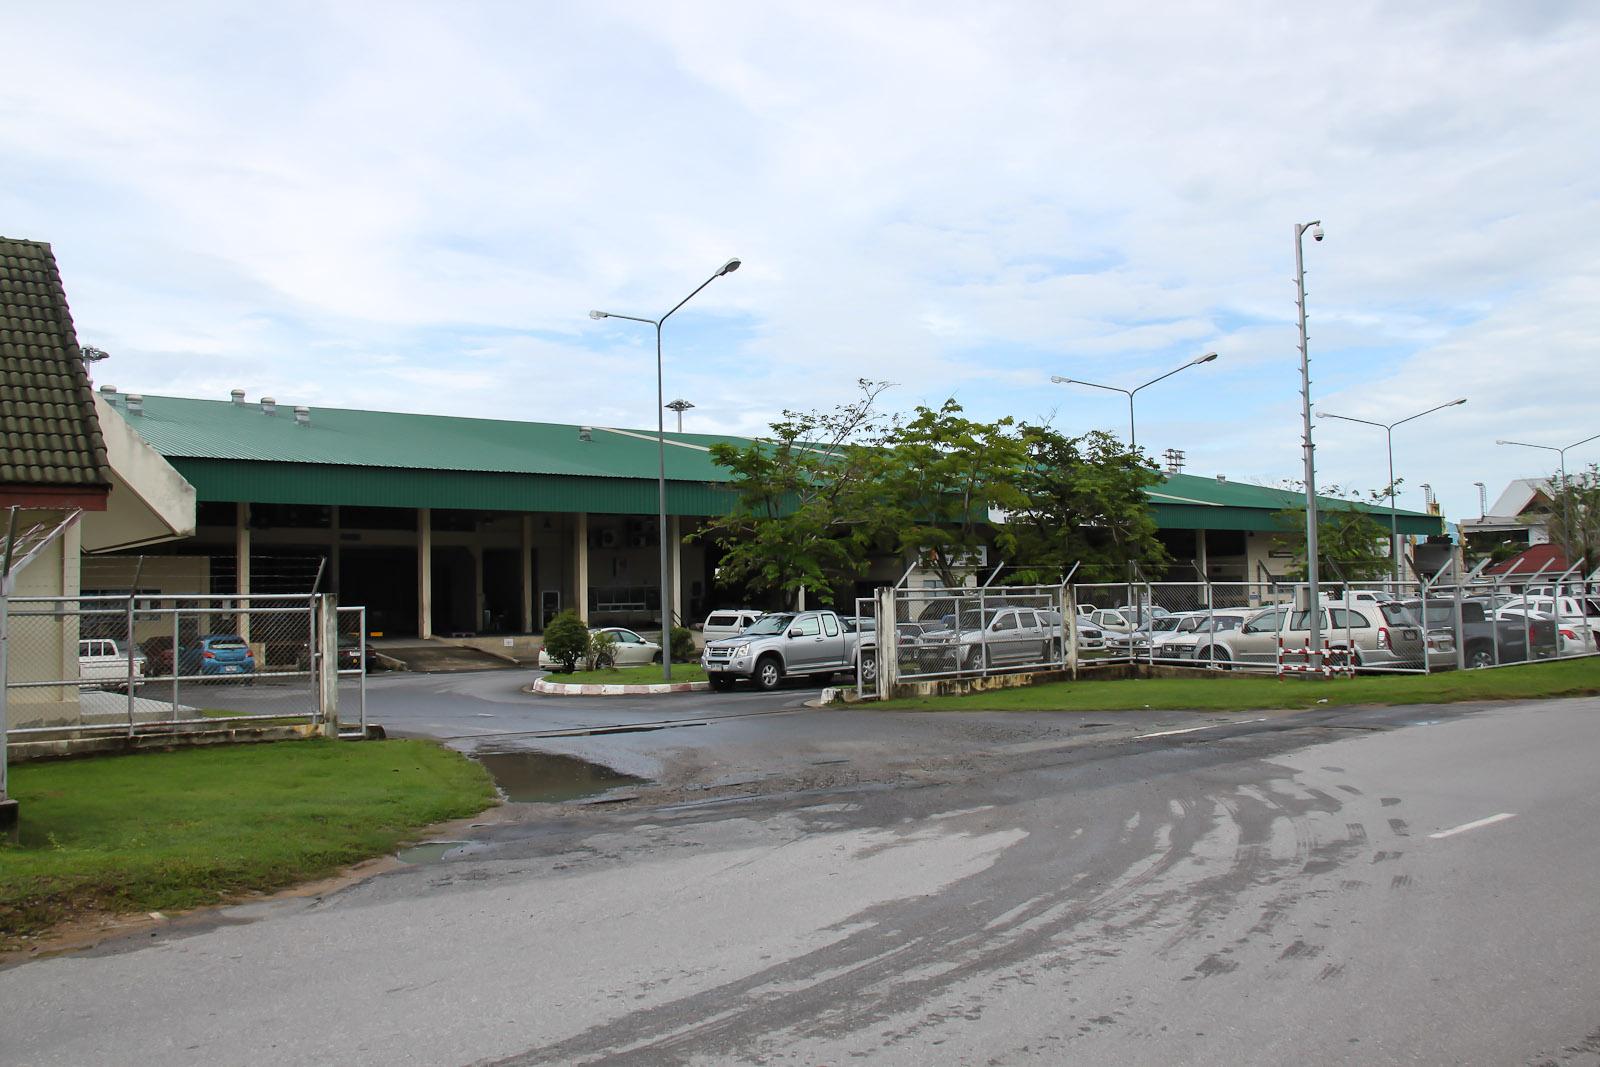 Грузовой склад  аэропорта Пхукет